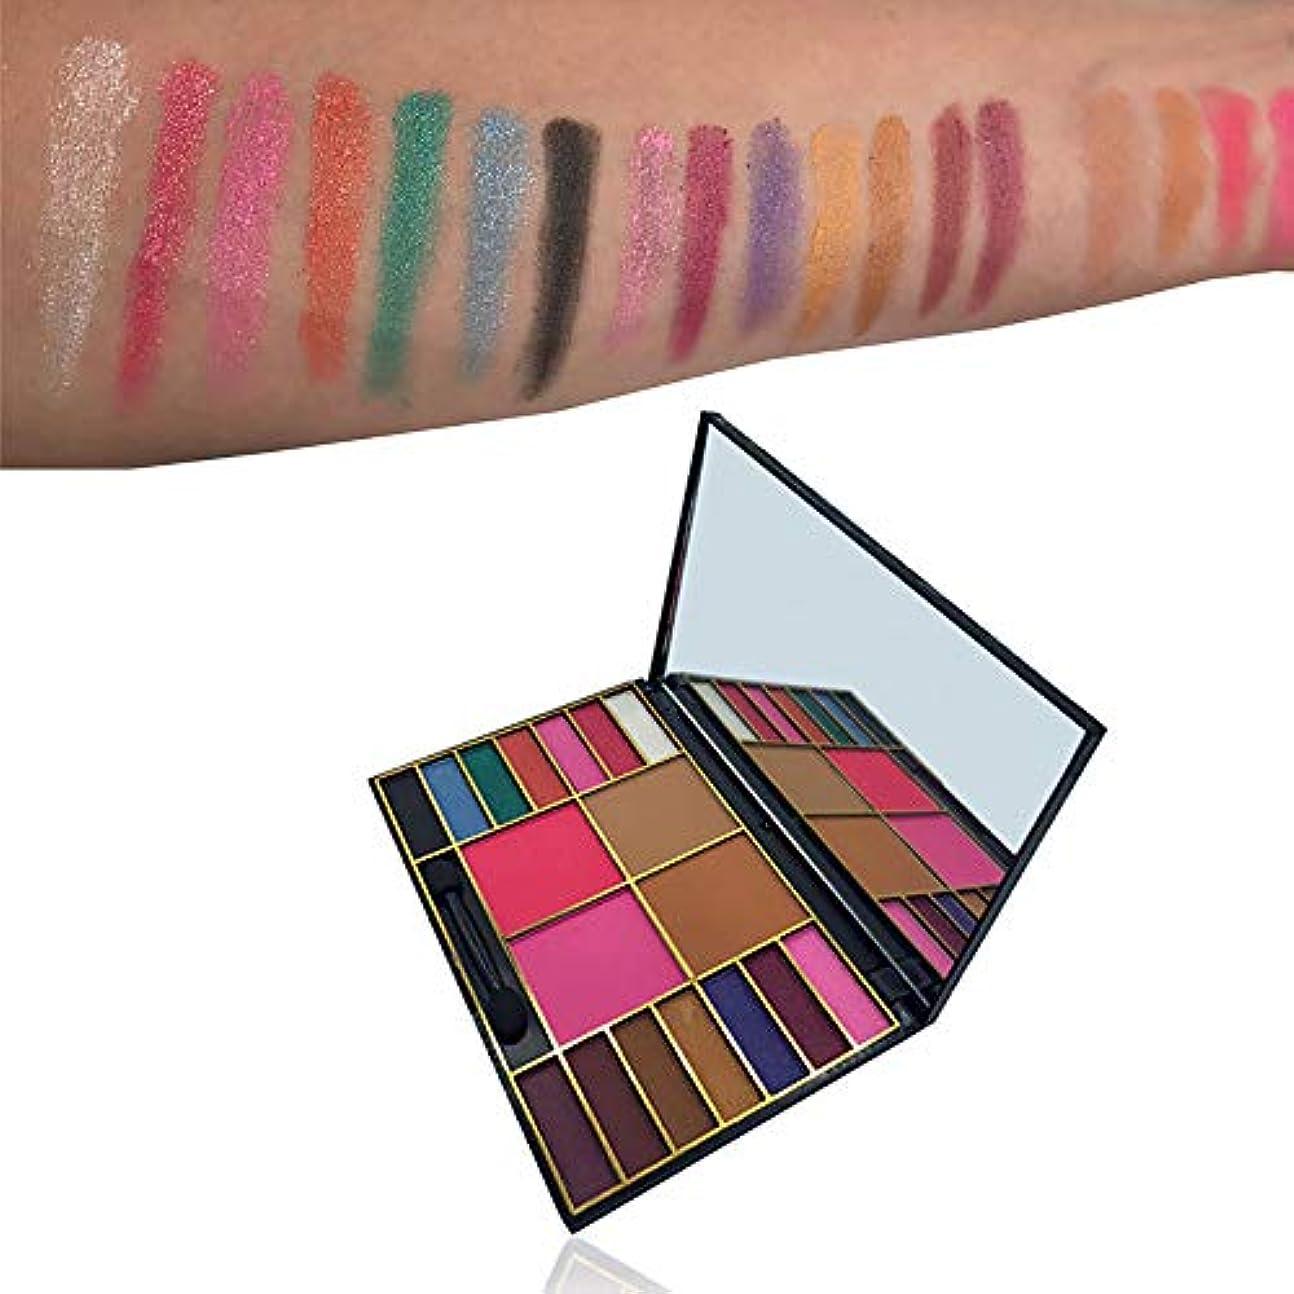 それぞれ受け皿思い出させる化粧品メイクアップシマーマット18色アイシャドーパレットソンブラ